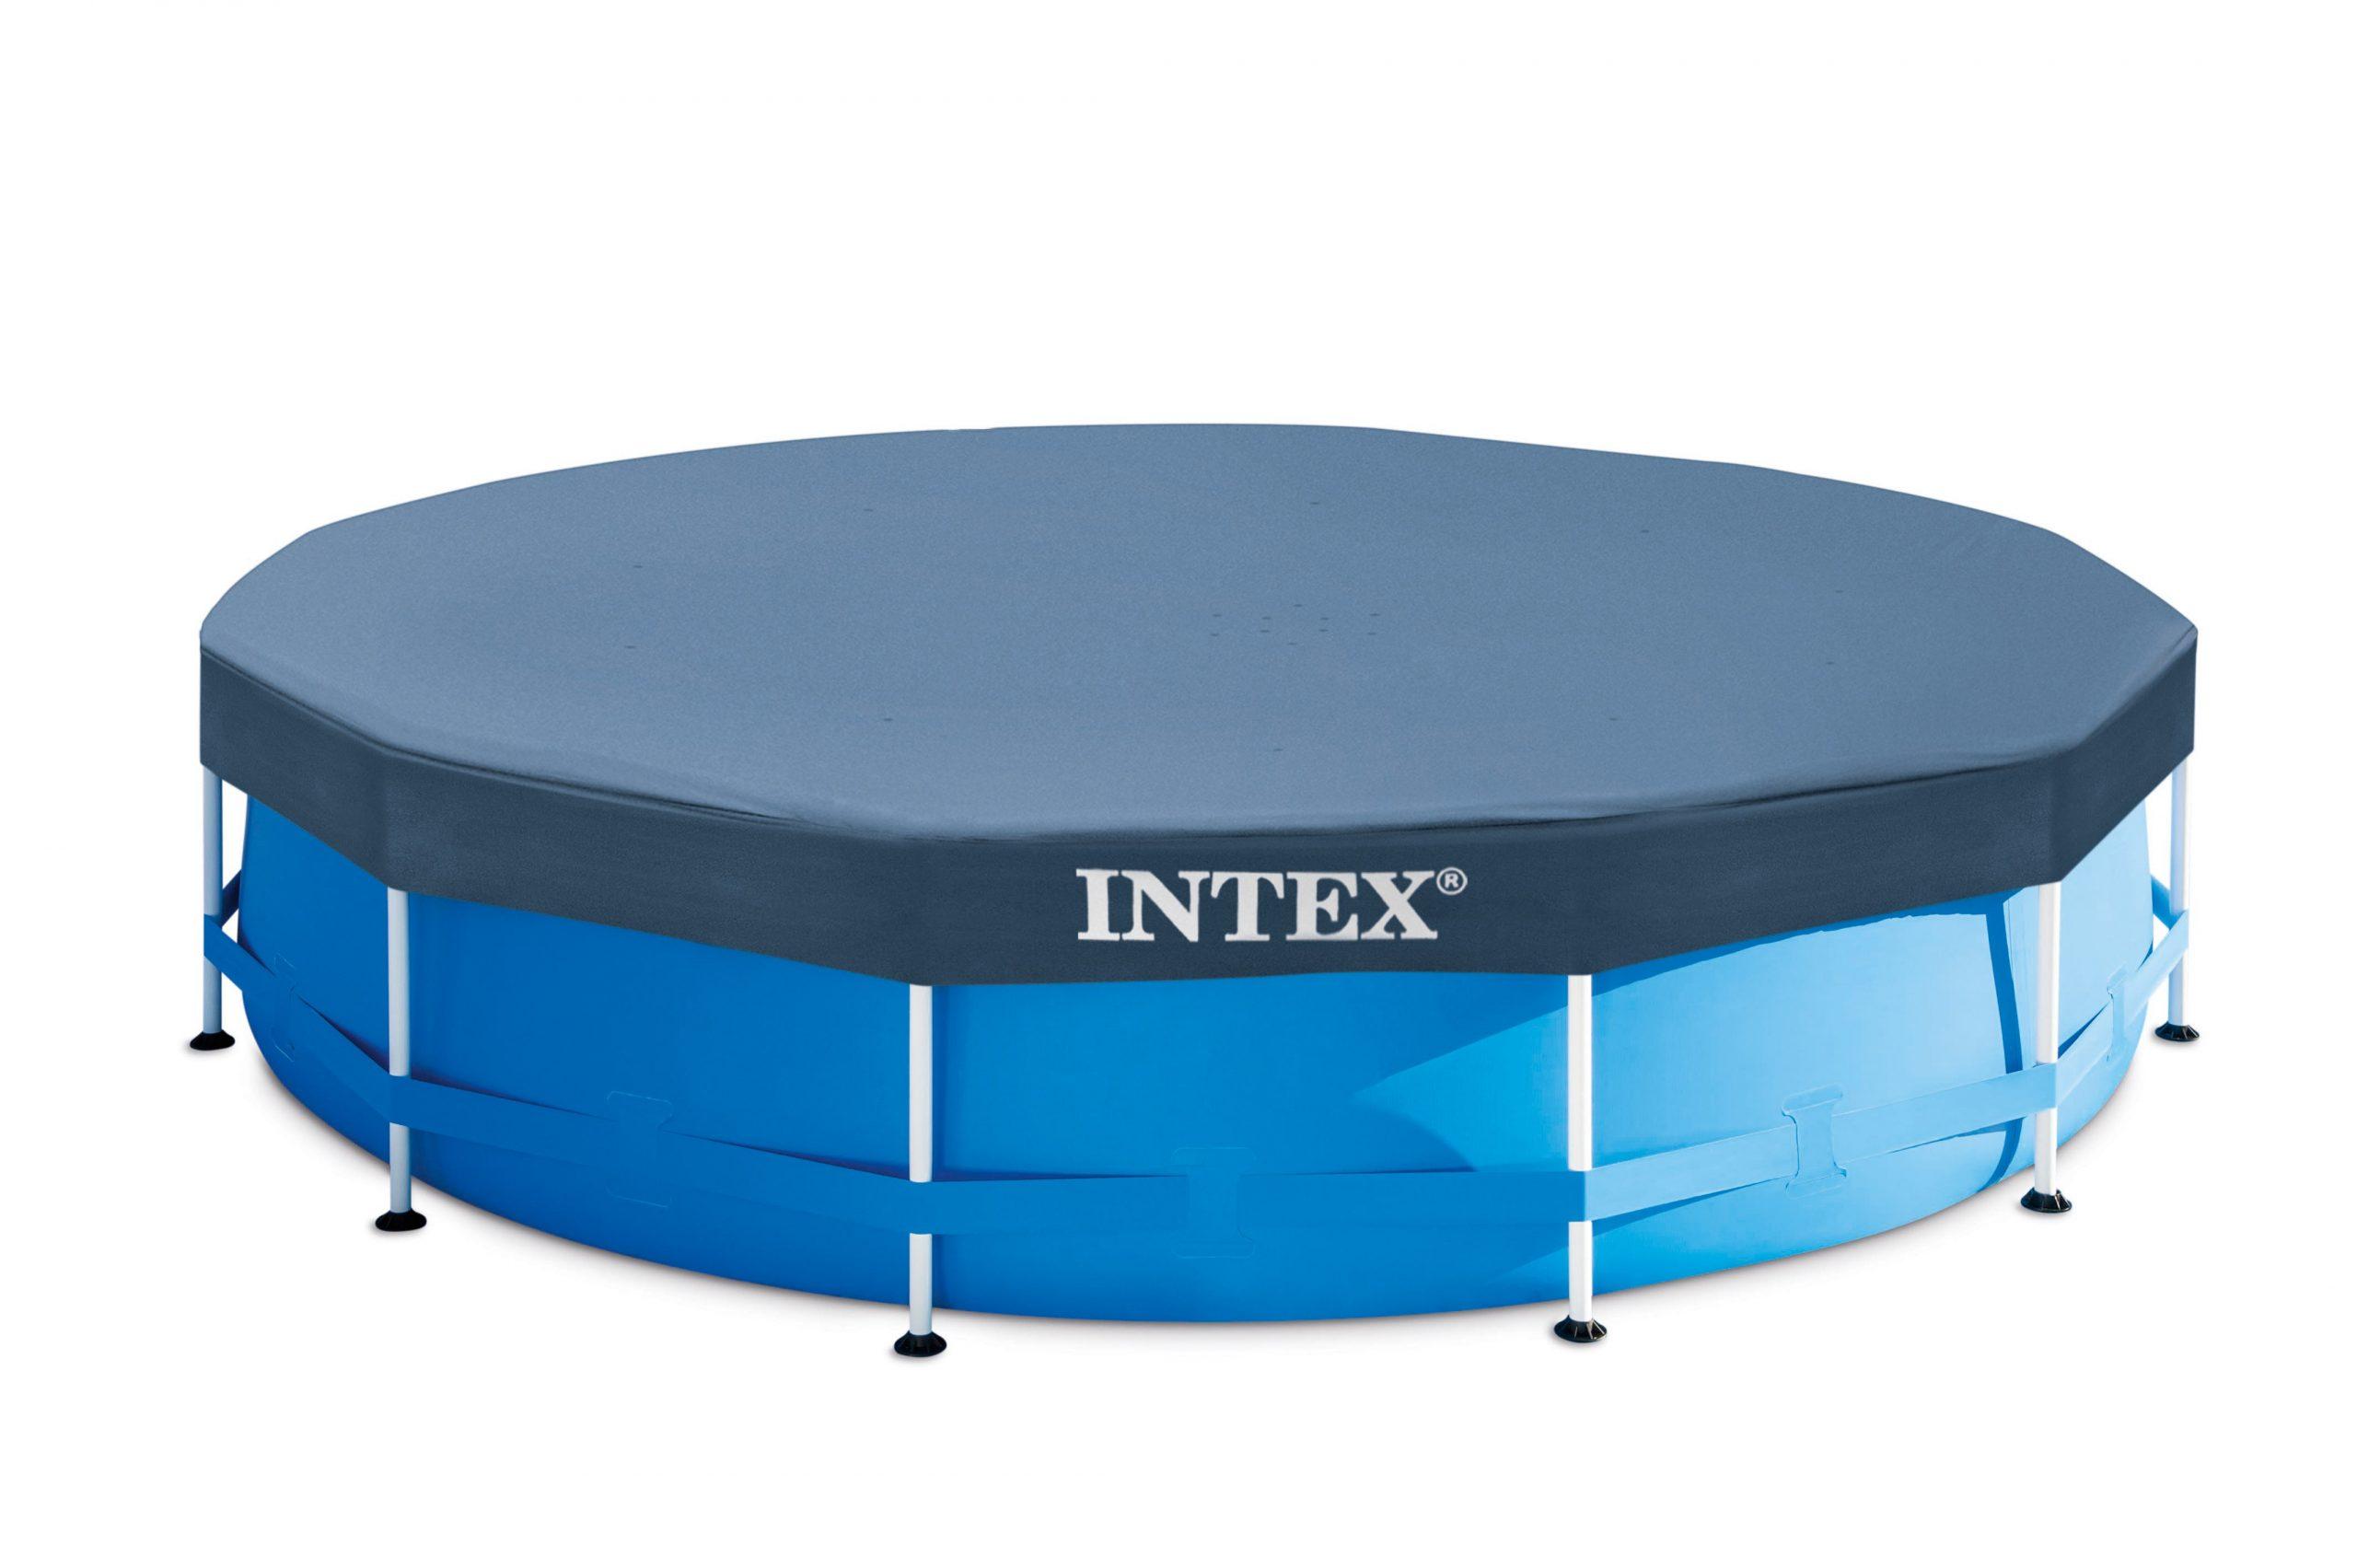 Bâche Hiver Intex De Protection Pour Piscine Ronde 3M66, Diam. 366 Cm dedans Bache Piscine Intex 3.66